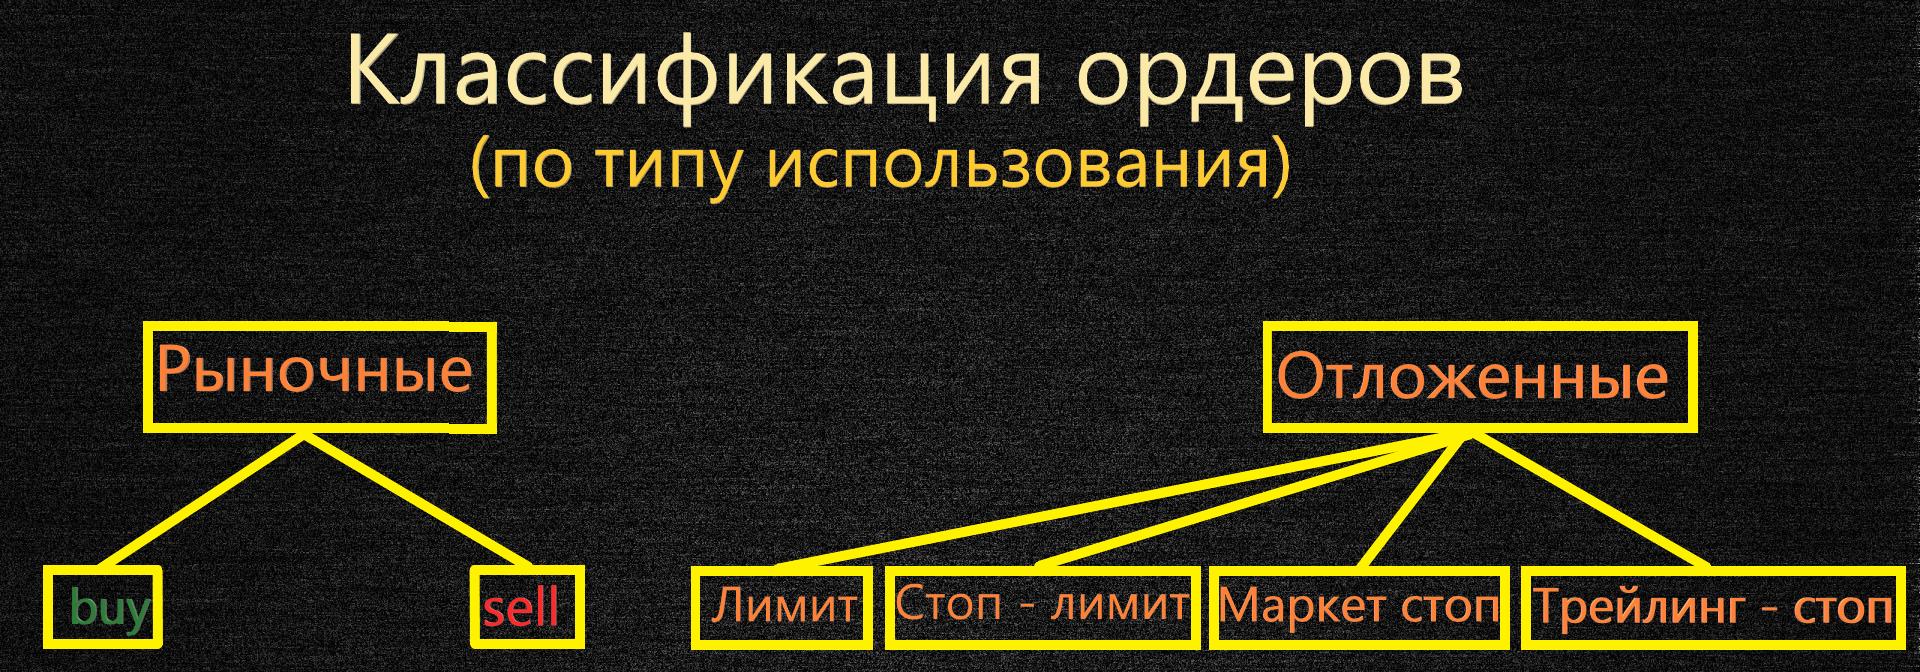 Изображение основных видов биржевых ордеров